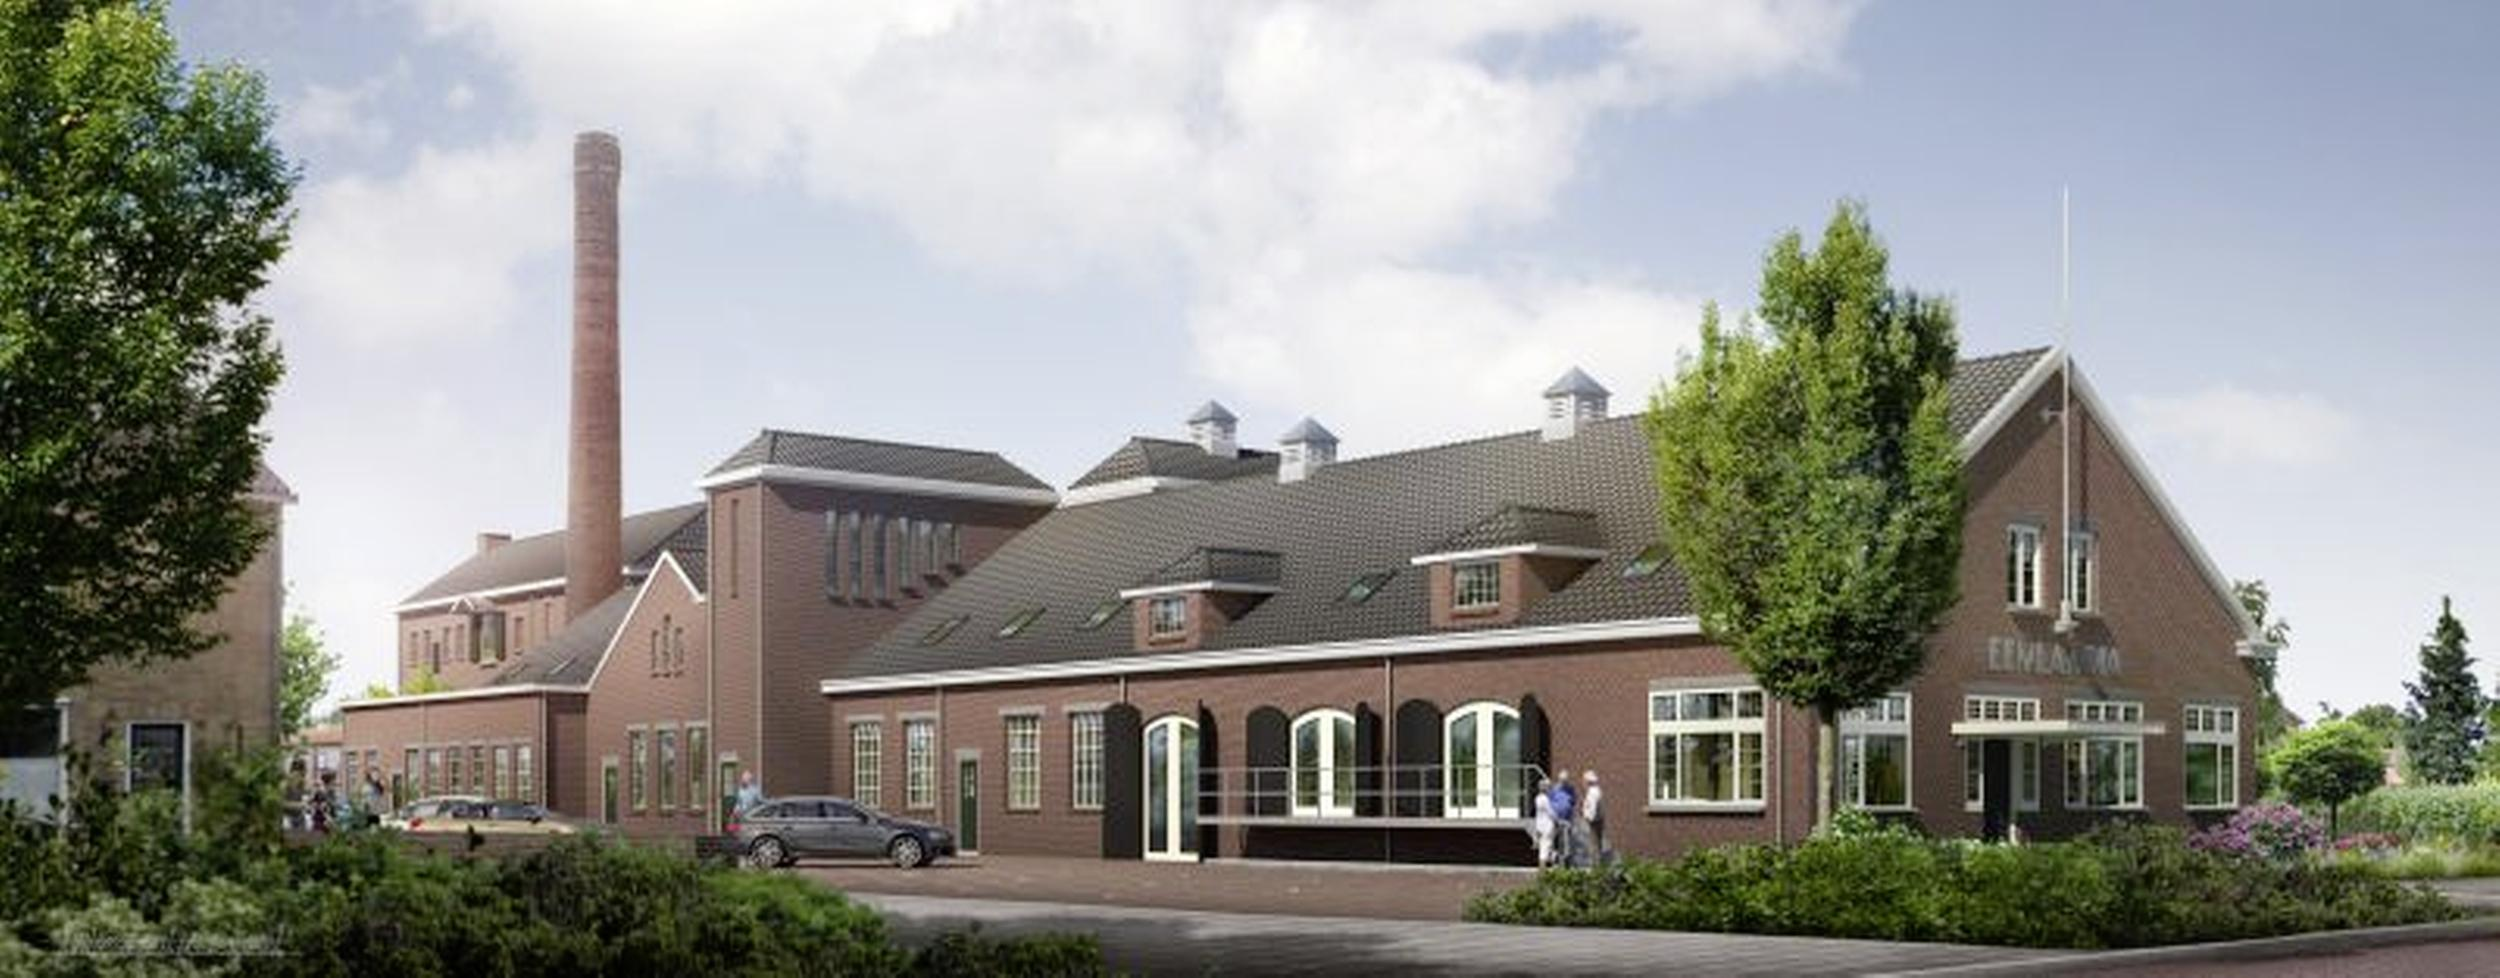 Het Gooi en Omstreken koopt 25 huurwoningen in omgebouwde melkfabriek Eemlandia; Oplevering begin volgend jaar